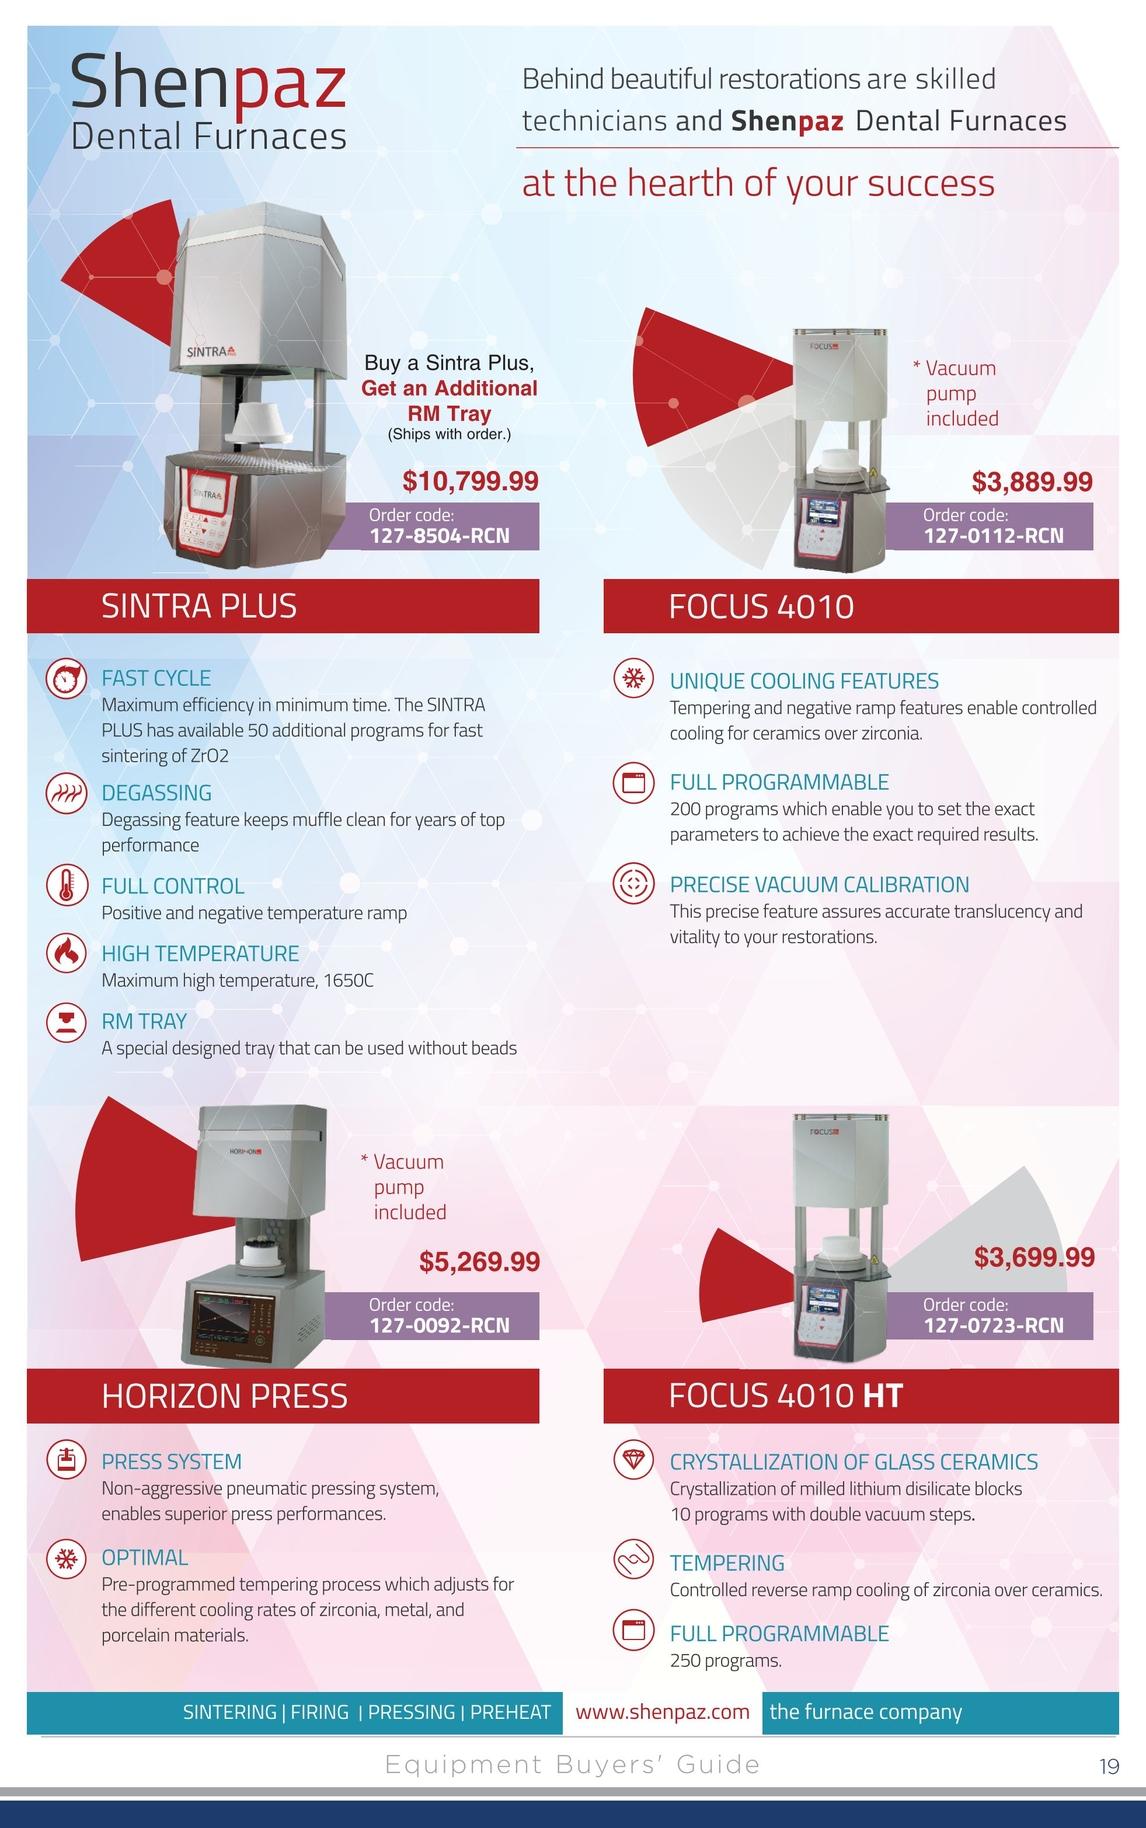 Zahn Laboratory Equipment Buyers Guide - 2017